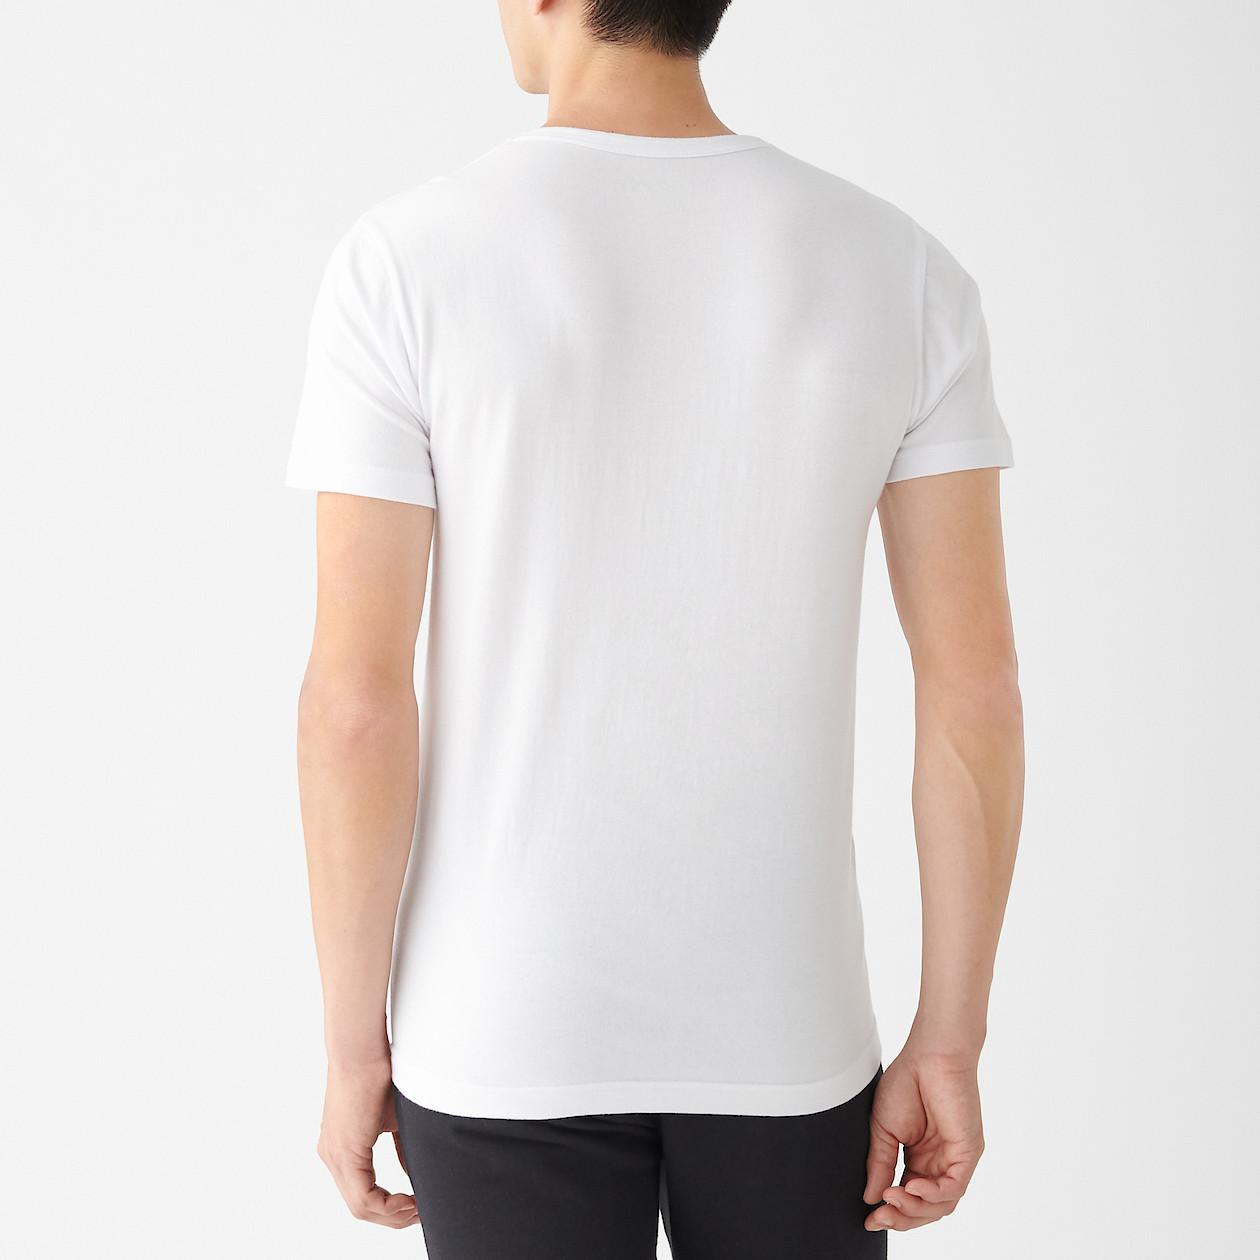 綿であったかクルーネック半袖Tシャツカラー写真01